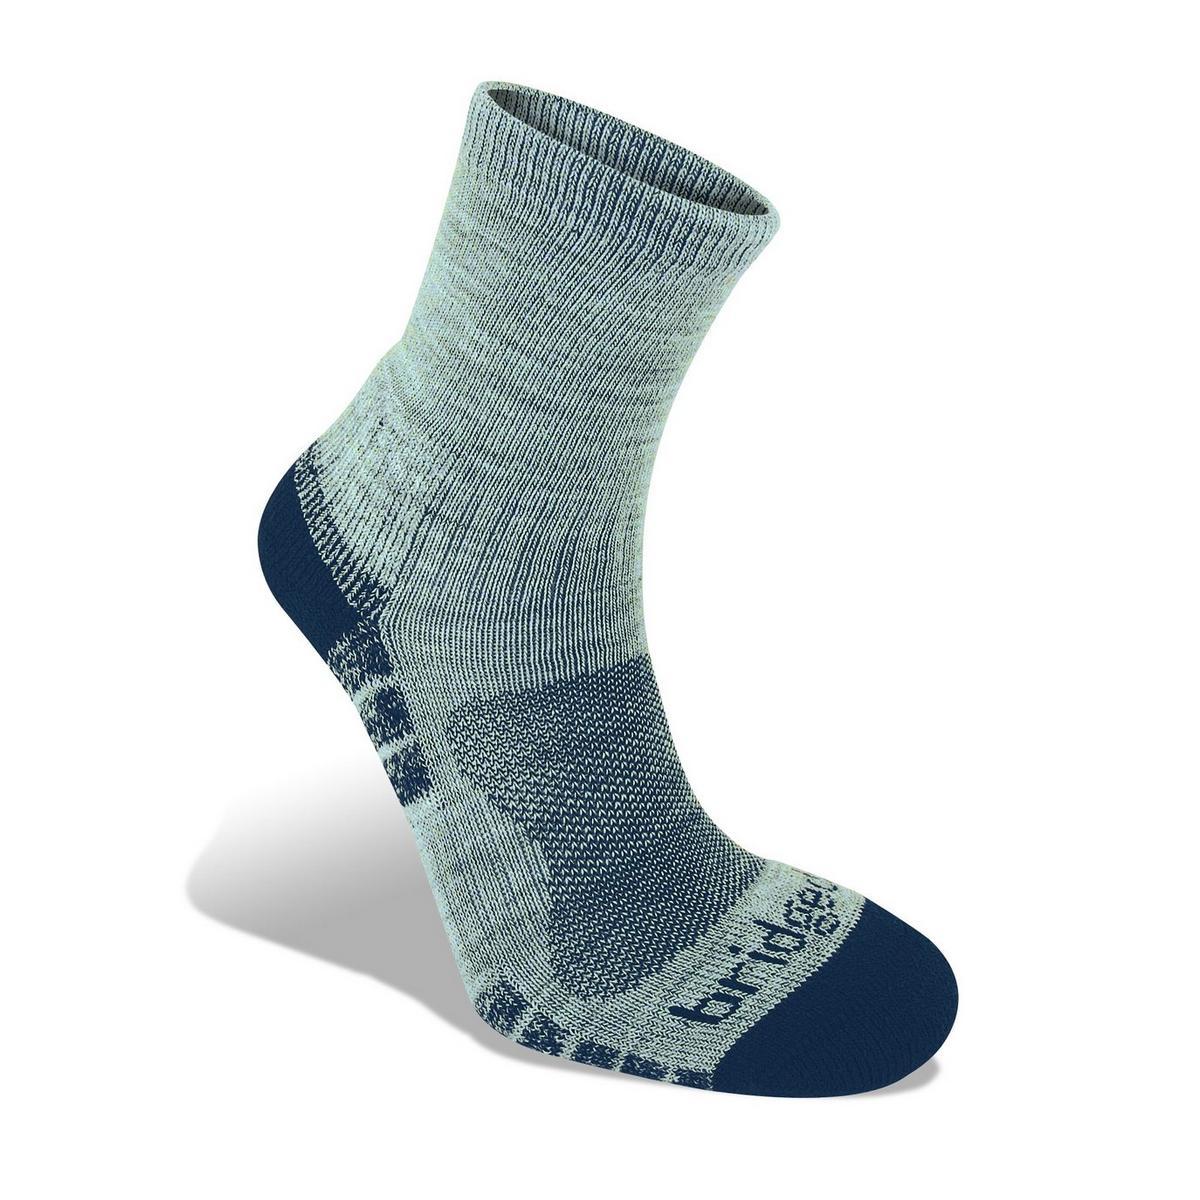 Bridgedale Men's Merino Endurance Lightweight Socks